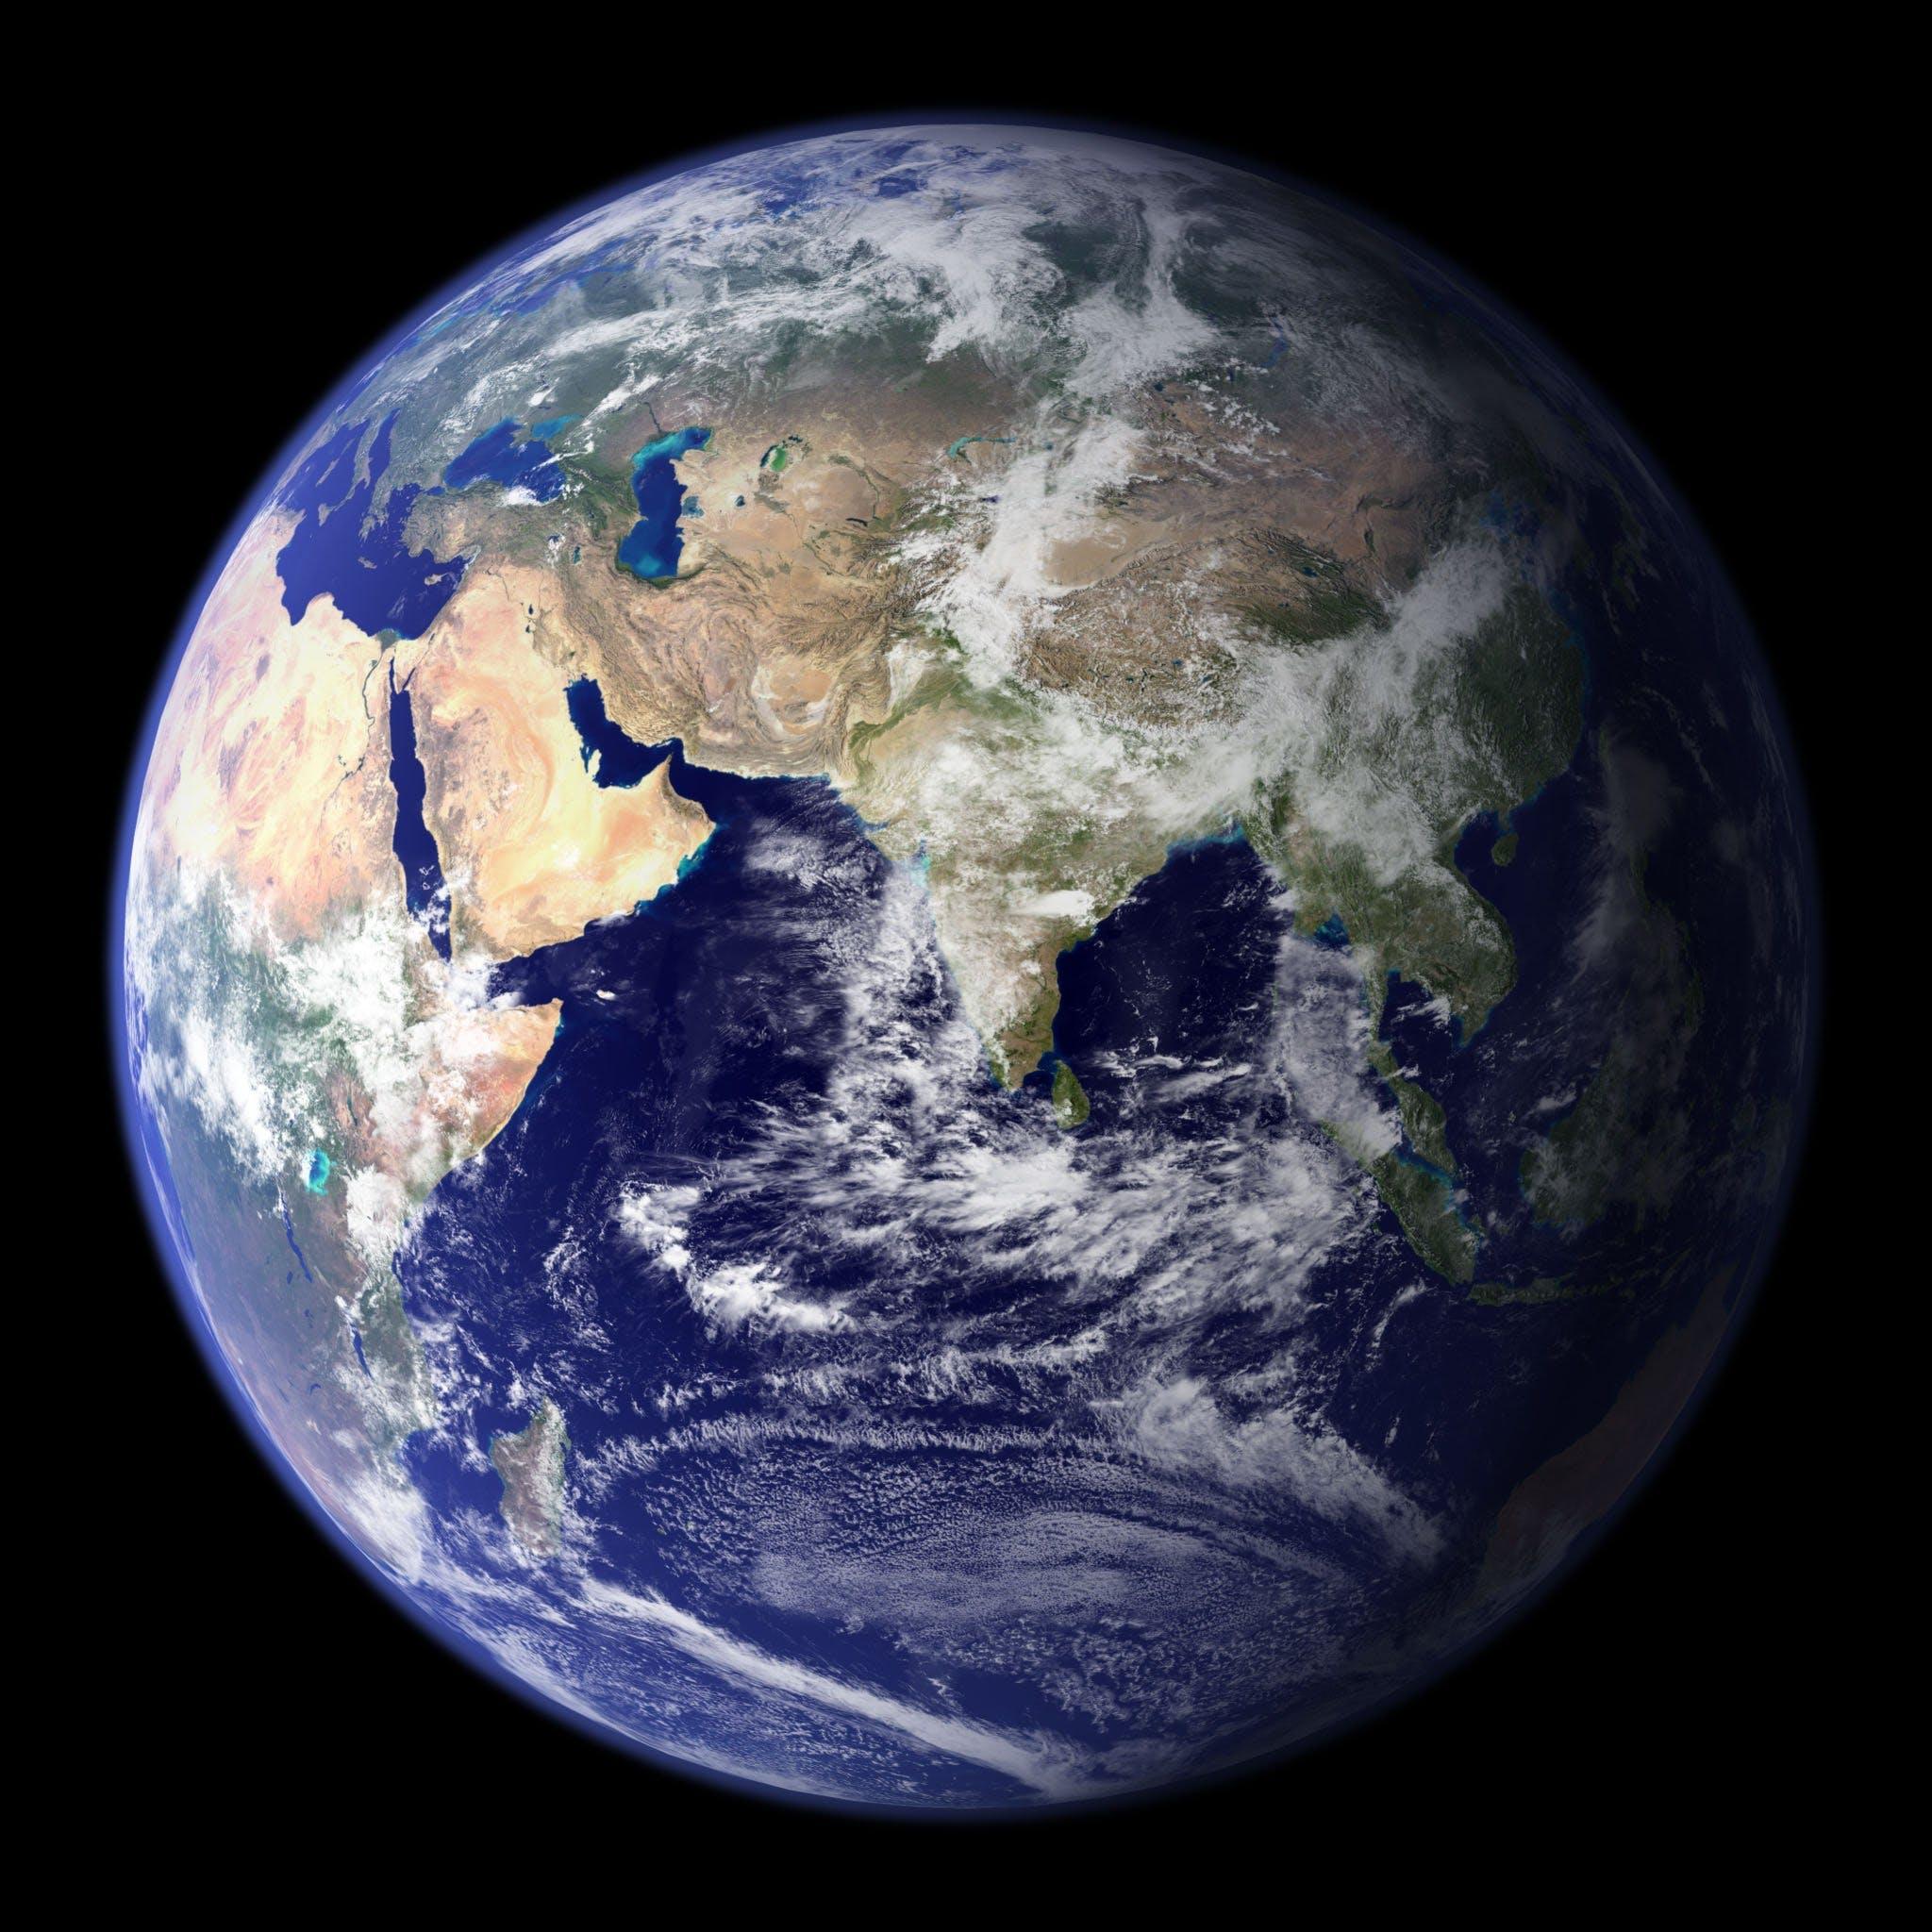 Δωρεάν στοκ φωτογραφιών με γη, διάστημα, μπλε πλανήτη, σύμπαν